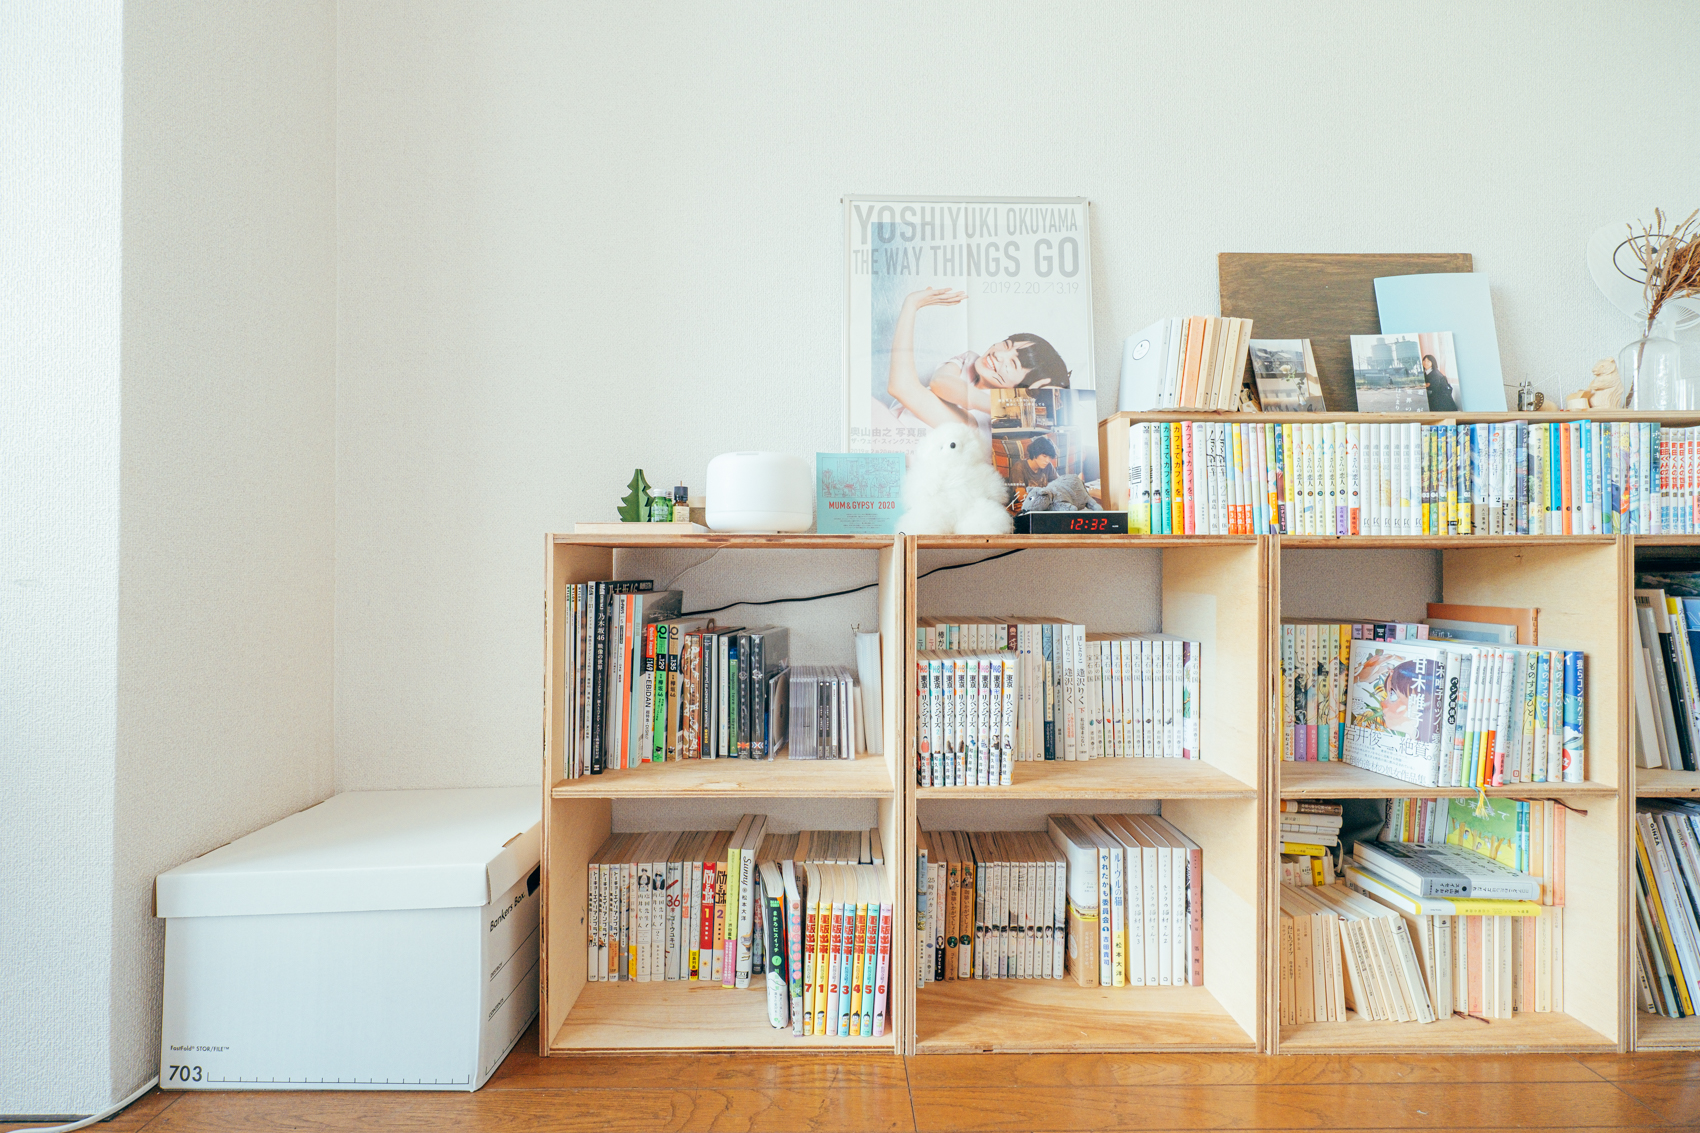 そんな中で、近くのホームセンターを見つけて、何かインテリアをと木材を購入。DIYについてはYouTubeを見ながら勉強されたのだとか。 「収納スペースもたくさんあったので、お気に入りの本をすぐに読めて、収納できる本棚を作りました。」